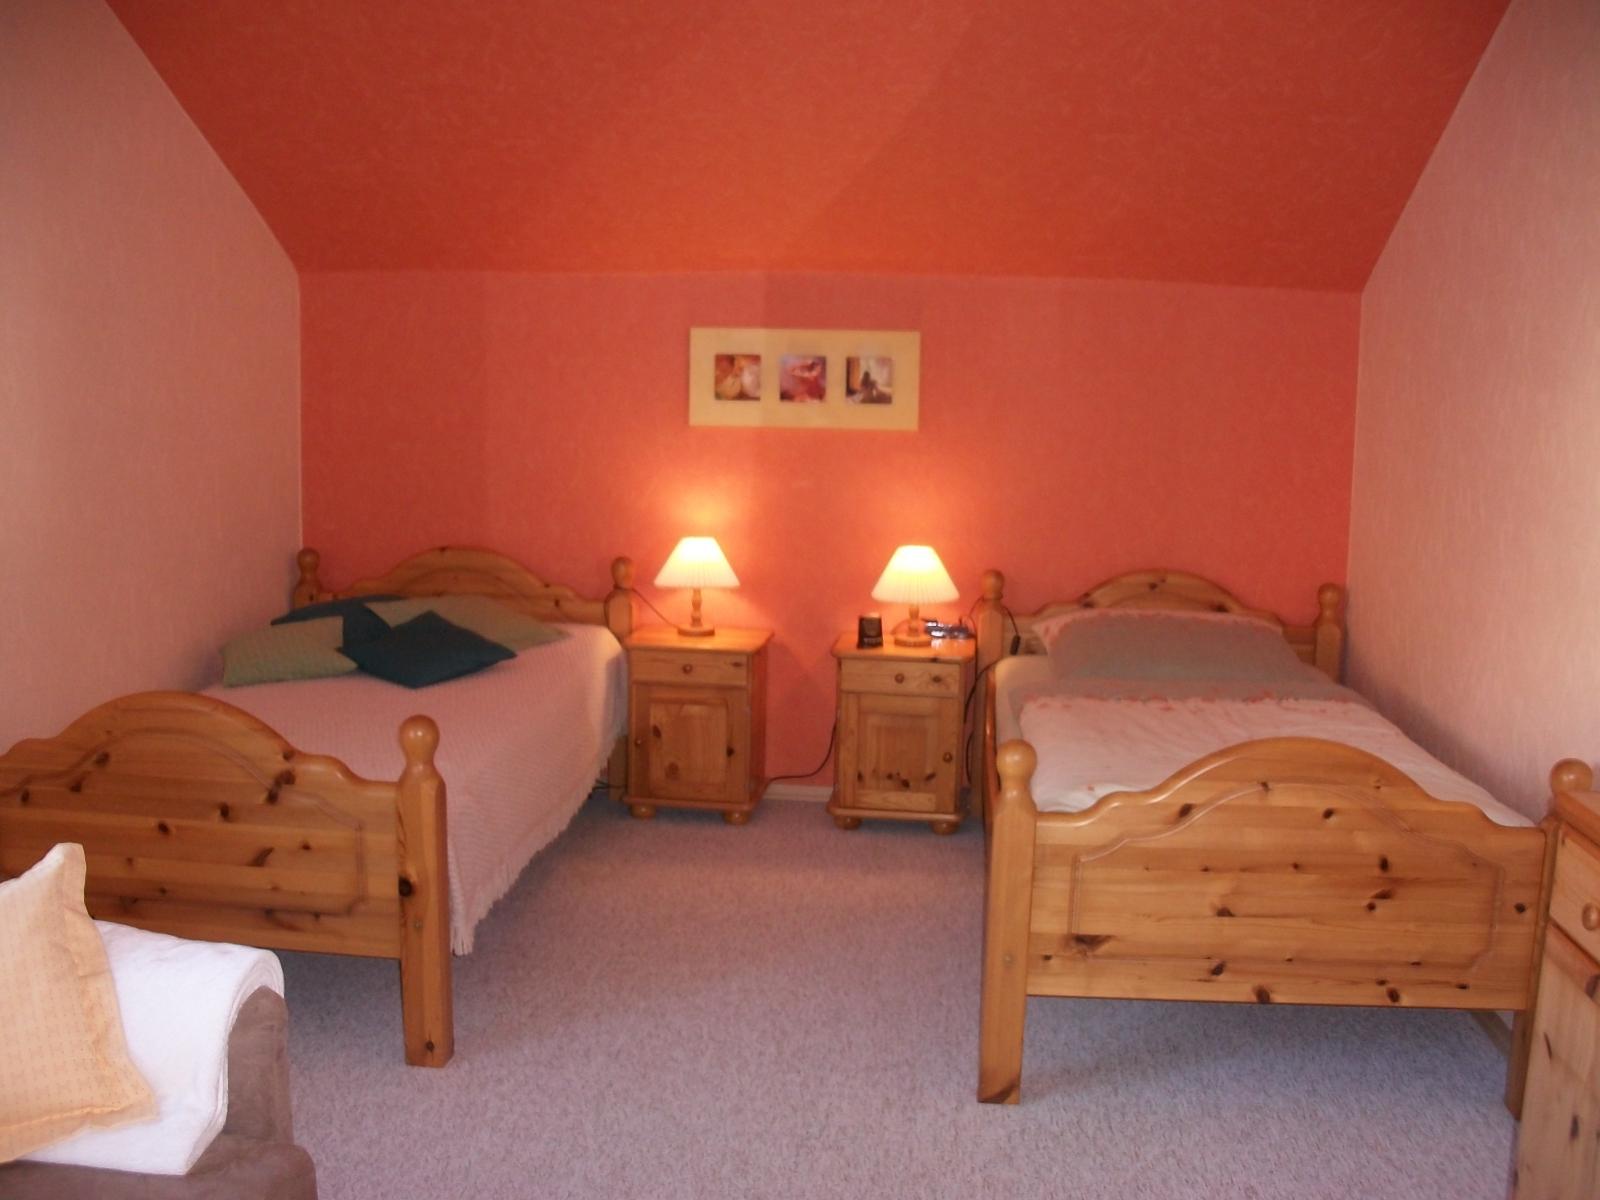 drei sterne ferienwohnung steinlah salzgitter salzgitter bad salzgitter lebenstedt lebenstedt. Black Bedroom Furniture Sets. Home Design Ideas